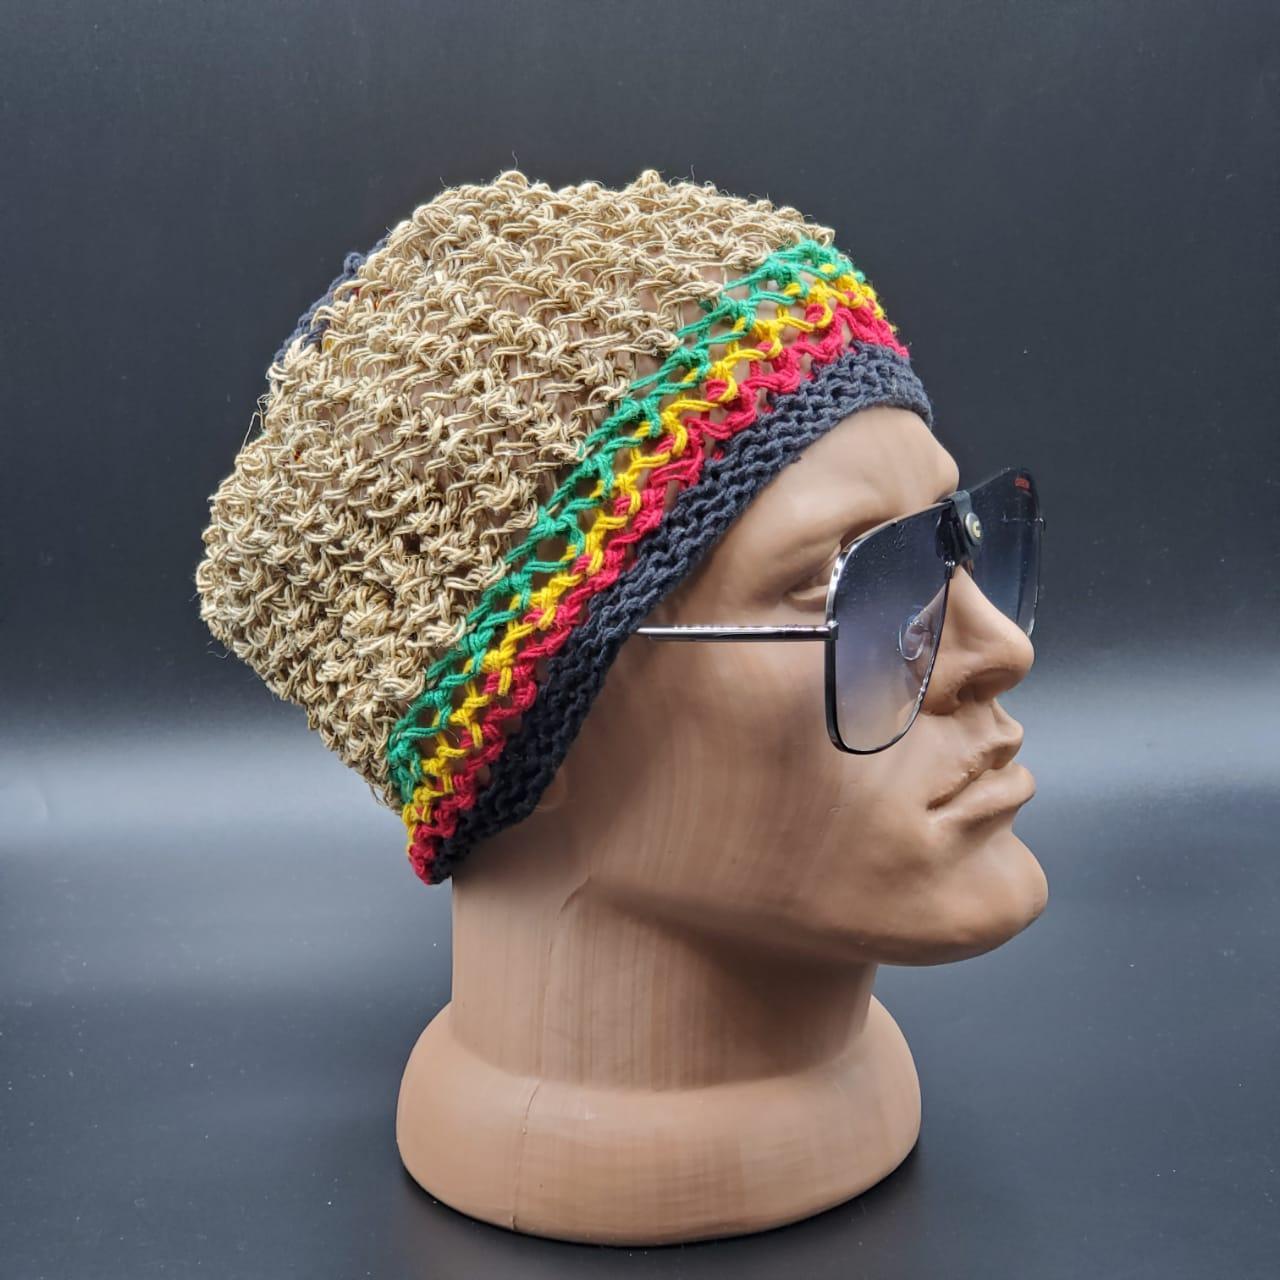 Вязаная шапочка натуральная из Непала ручной работы мужская,натуральная.